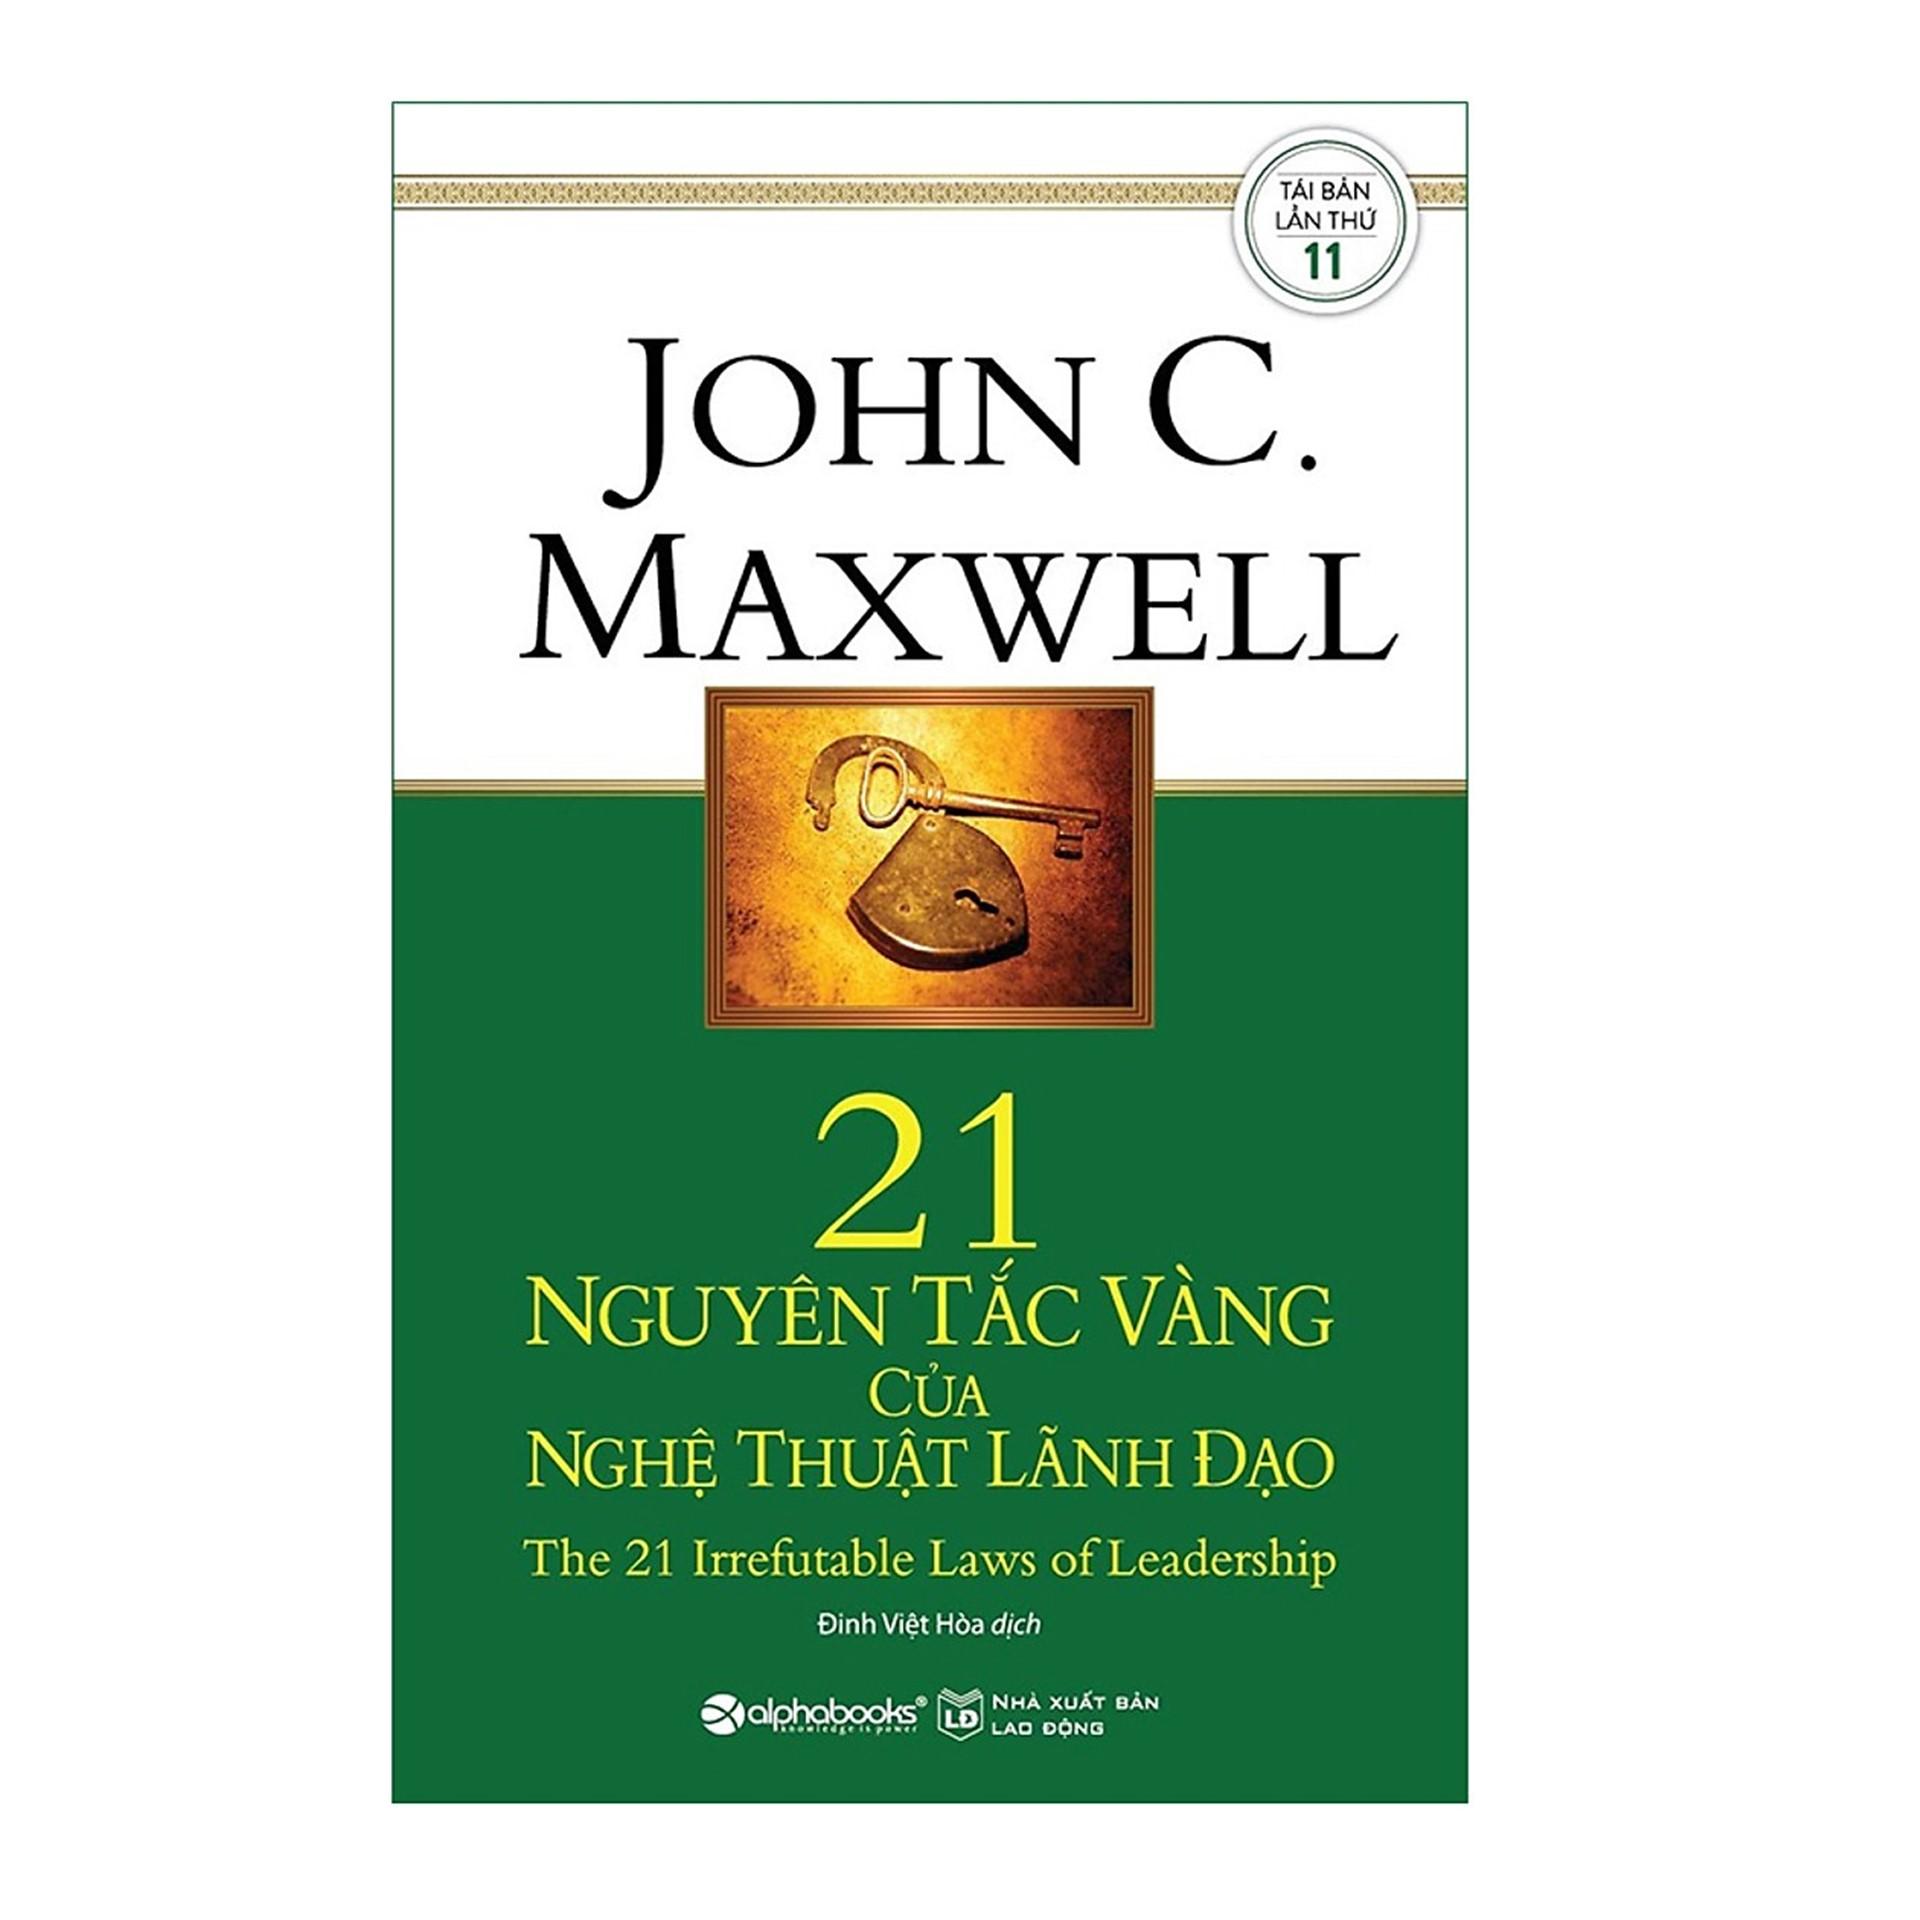 Combo Sách Về Nghệ Thuật Lãnh Đạo : 21 Nguyên Tắc Vàng Của Nghệ Thuật Lãnh Đạo + Tinh Hoa Lãnh Đạo